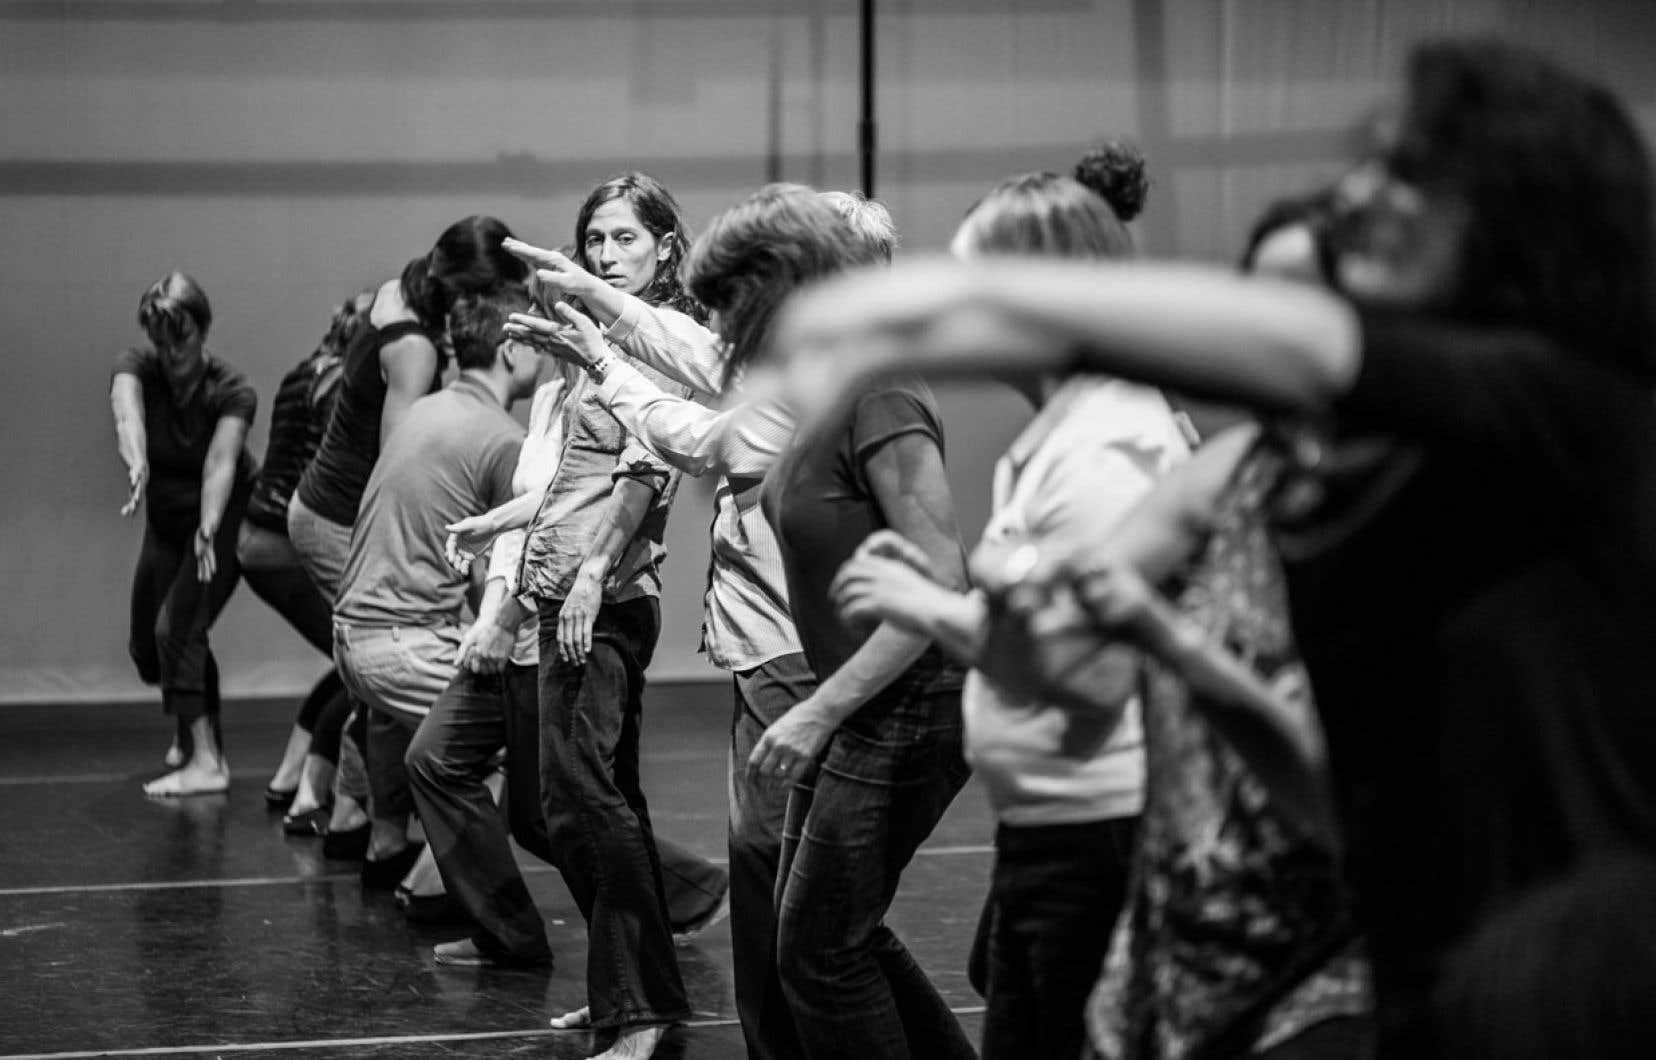 « Avec la danse, on se préoccupe du corps au-delà des marques et des coups, dans l'ici et maintenant, on apprend à réutiliser le corps pour passer des messages souvent positifs, d'affirmation de soi », affirme la directrice de la maison d'hébergement La Dauphinelle.